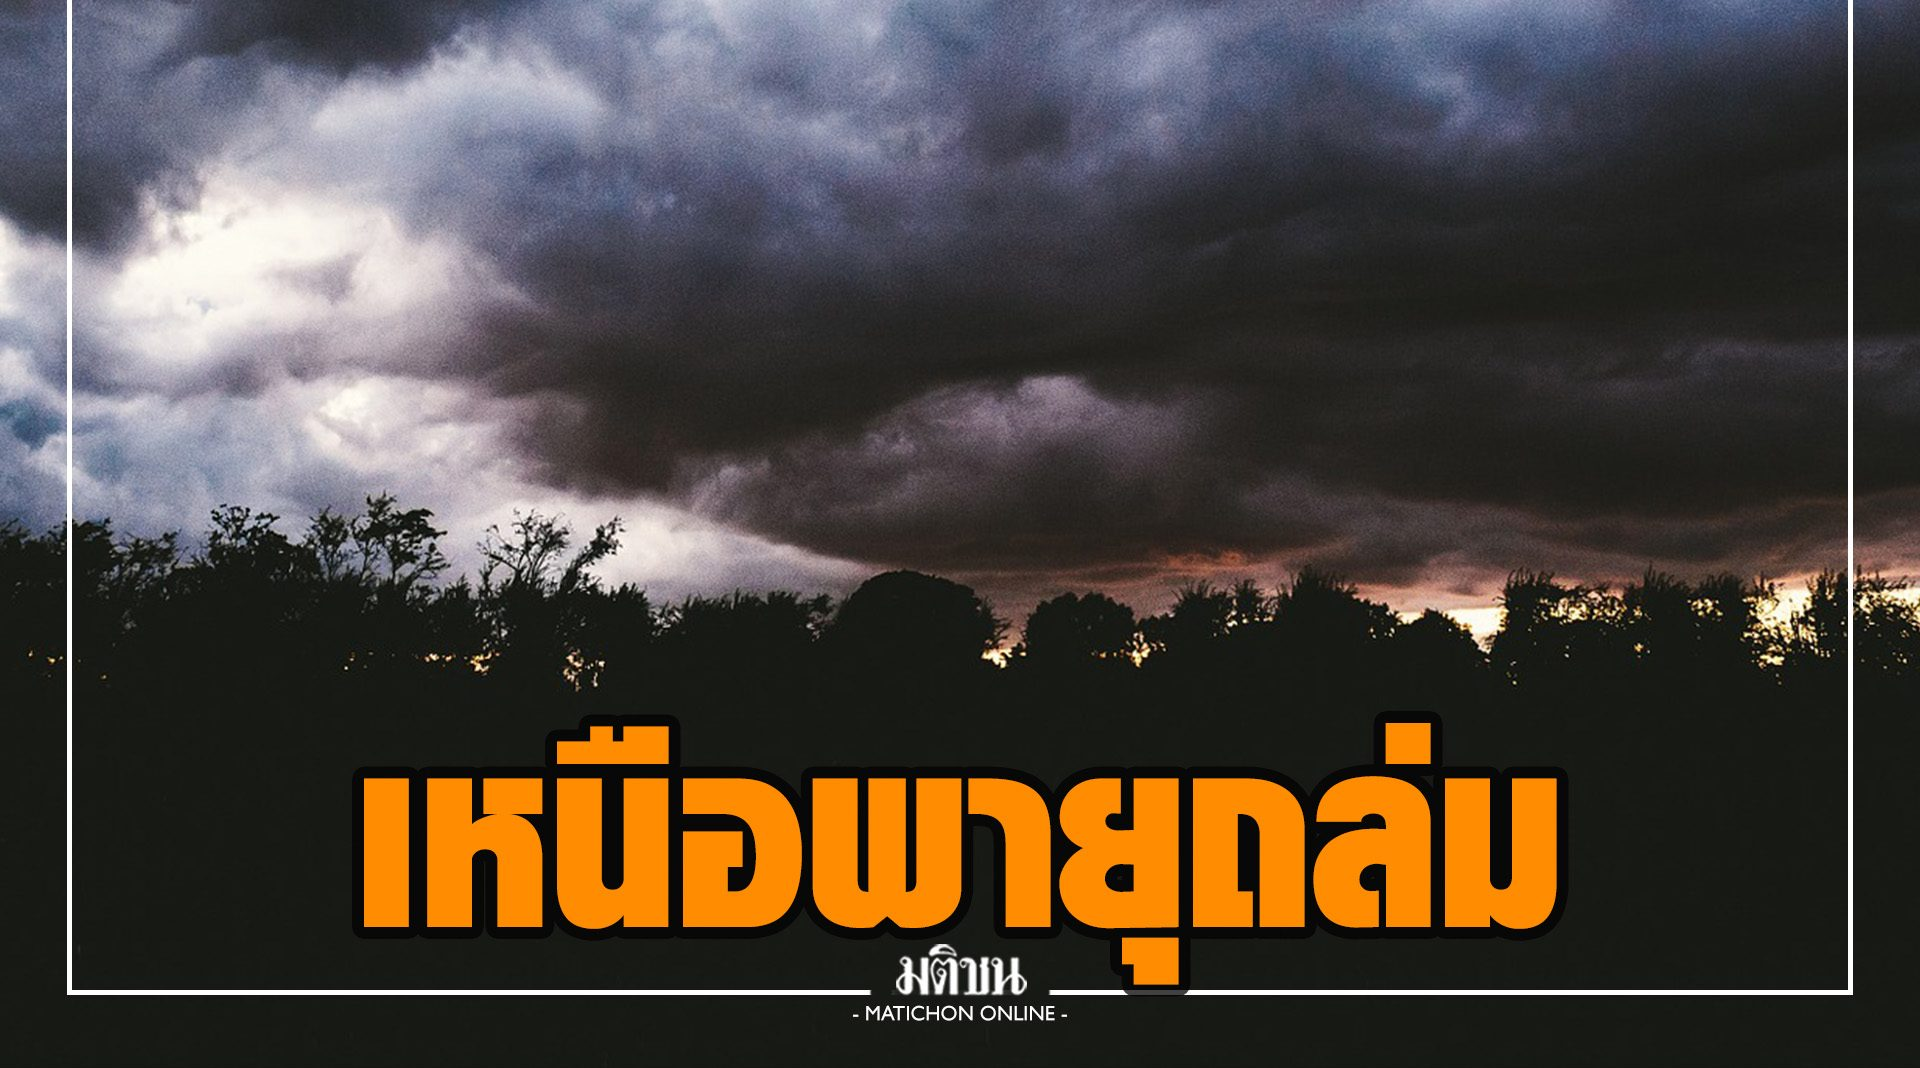 อุตุฯ เตือน 13 จังหวัดภาคเหนือ เจอพายุ-ลูกเห็บ ถล่มส่งท้าย